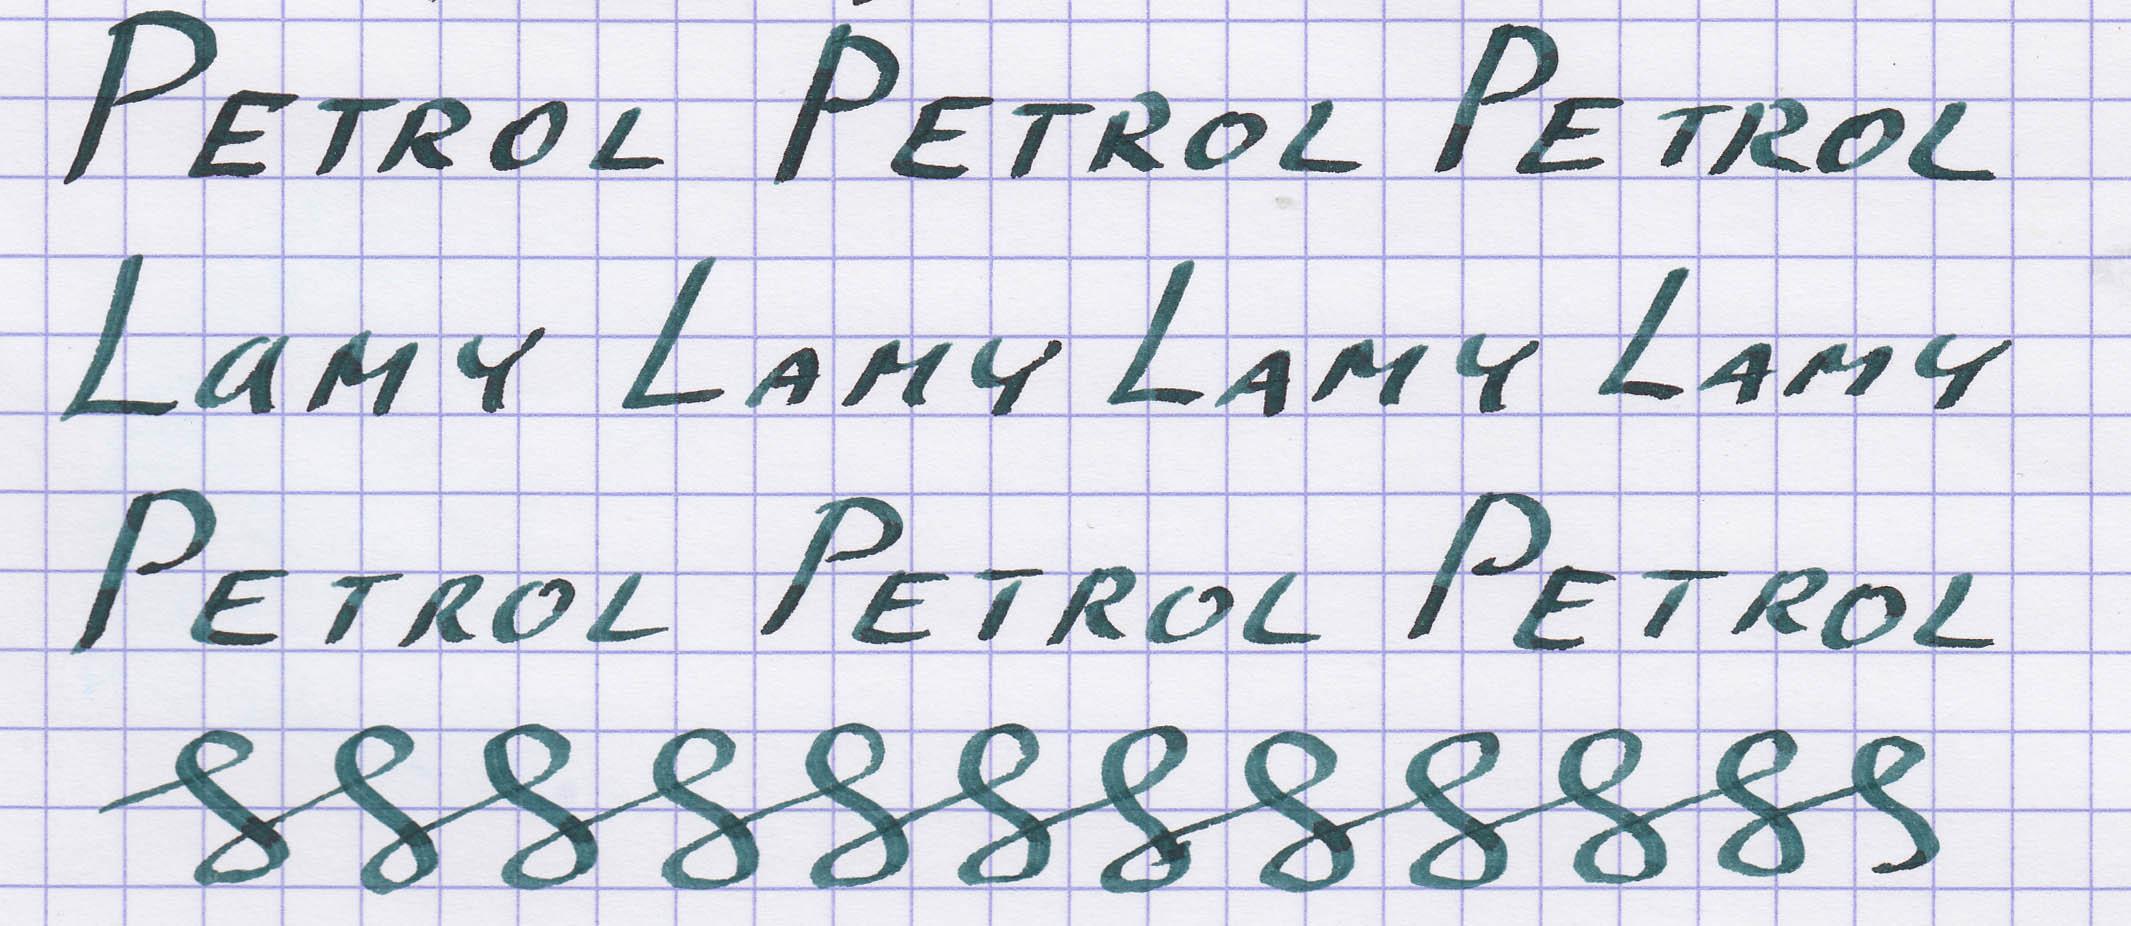 fpn_1491991746__petrol_lamy_ox.jpg